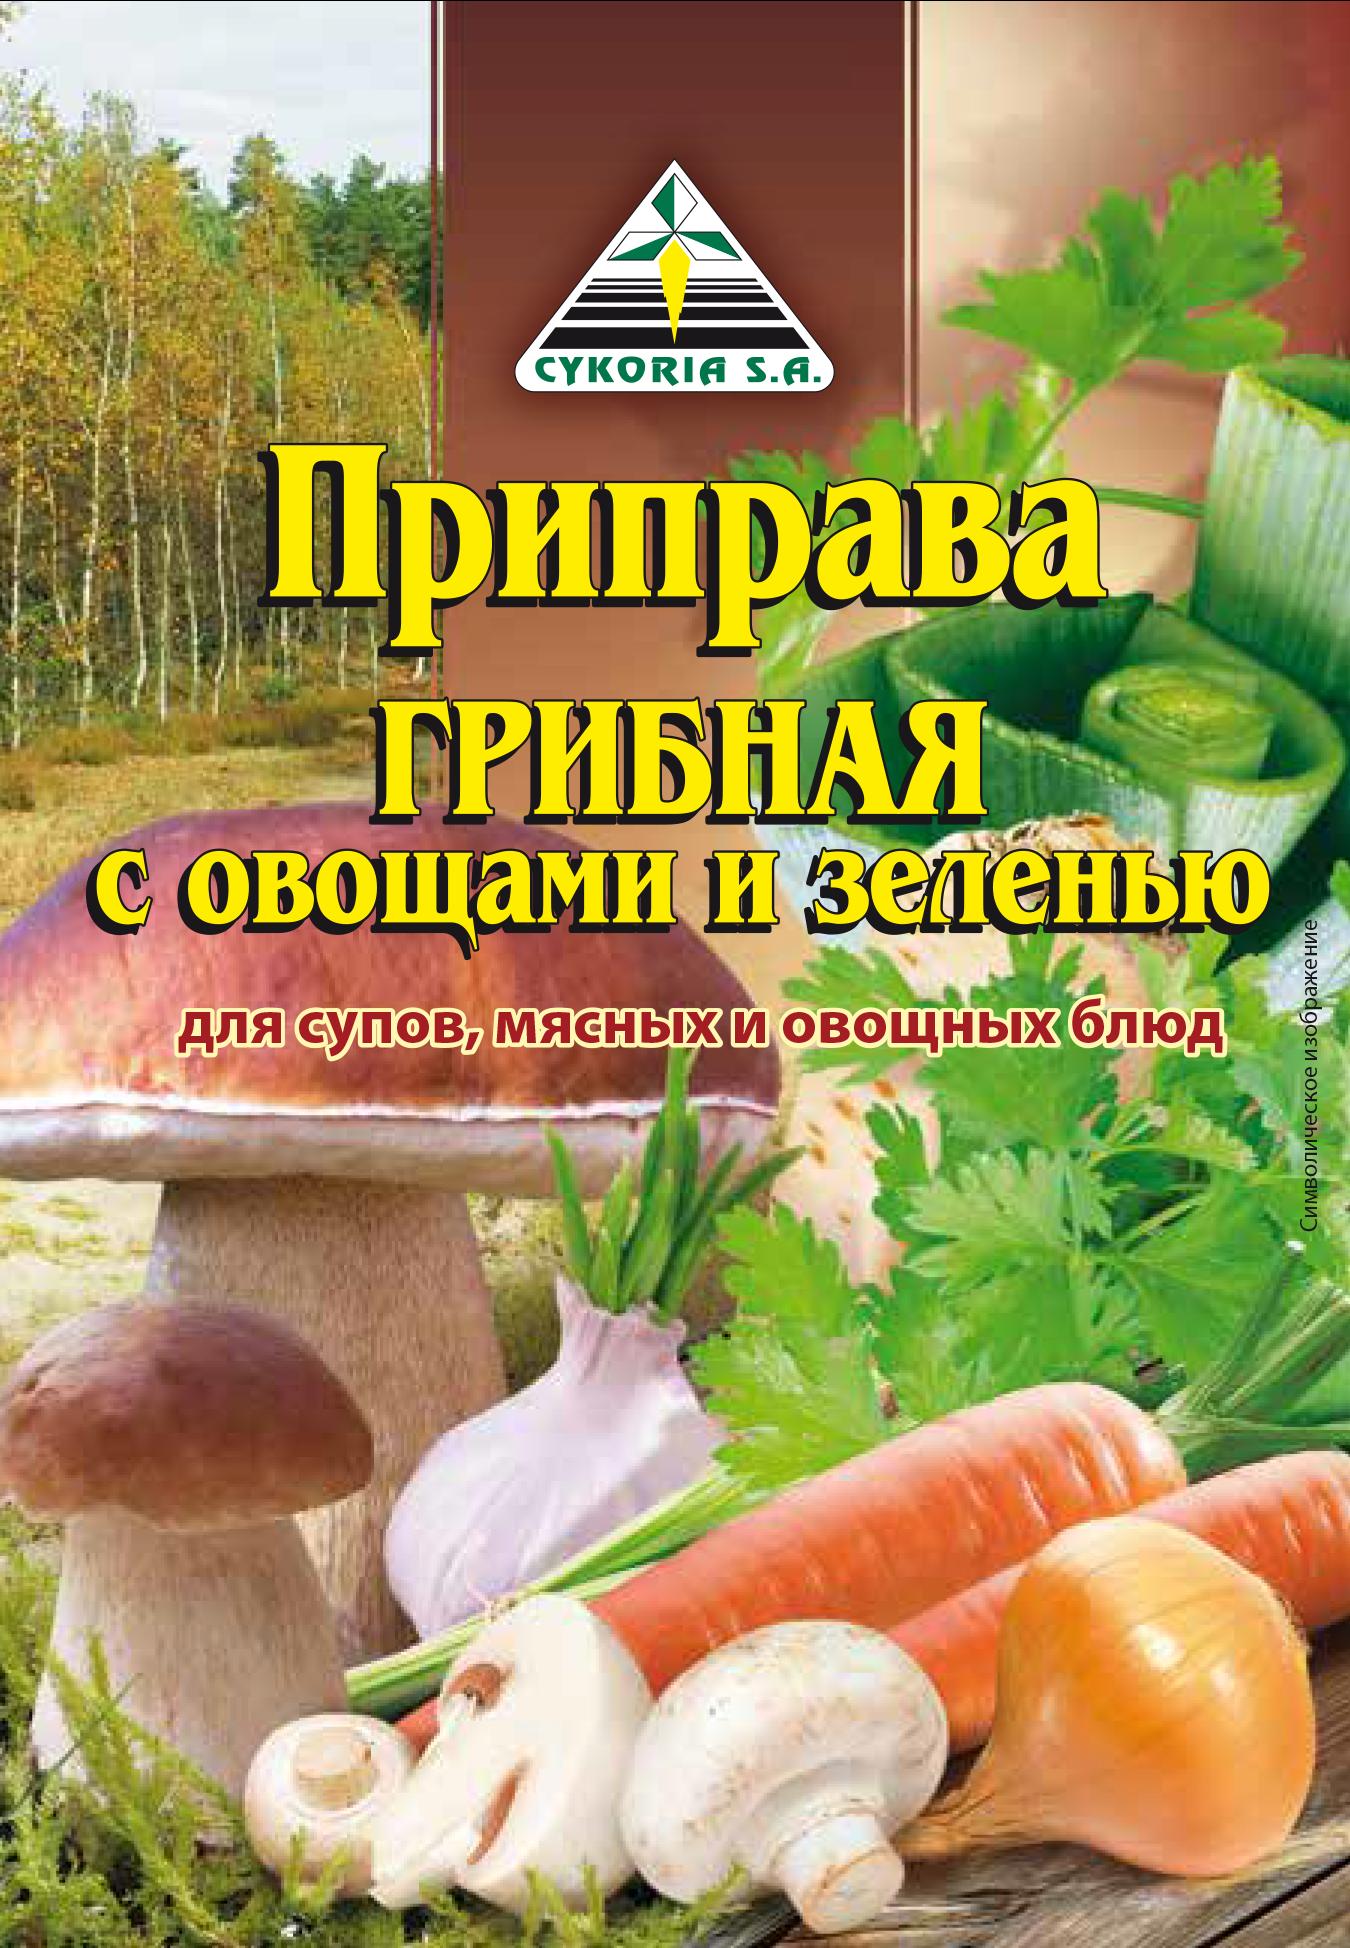 Приправа грибная с овощами и зеленью для супов, мясных и овощных блюд 35п х 25г